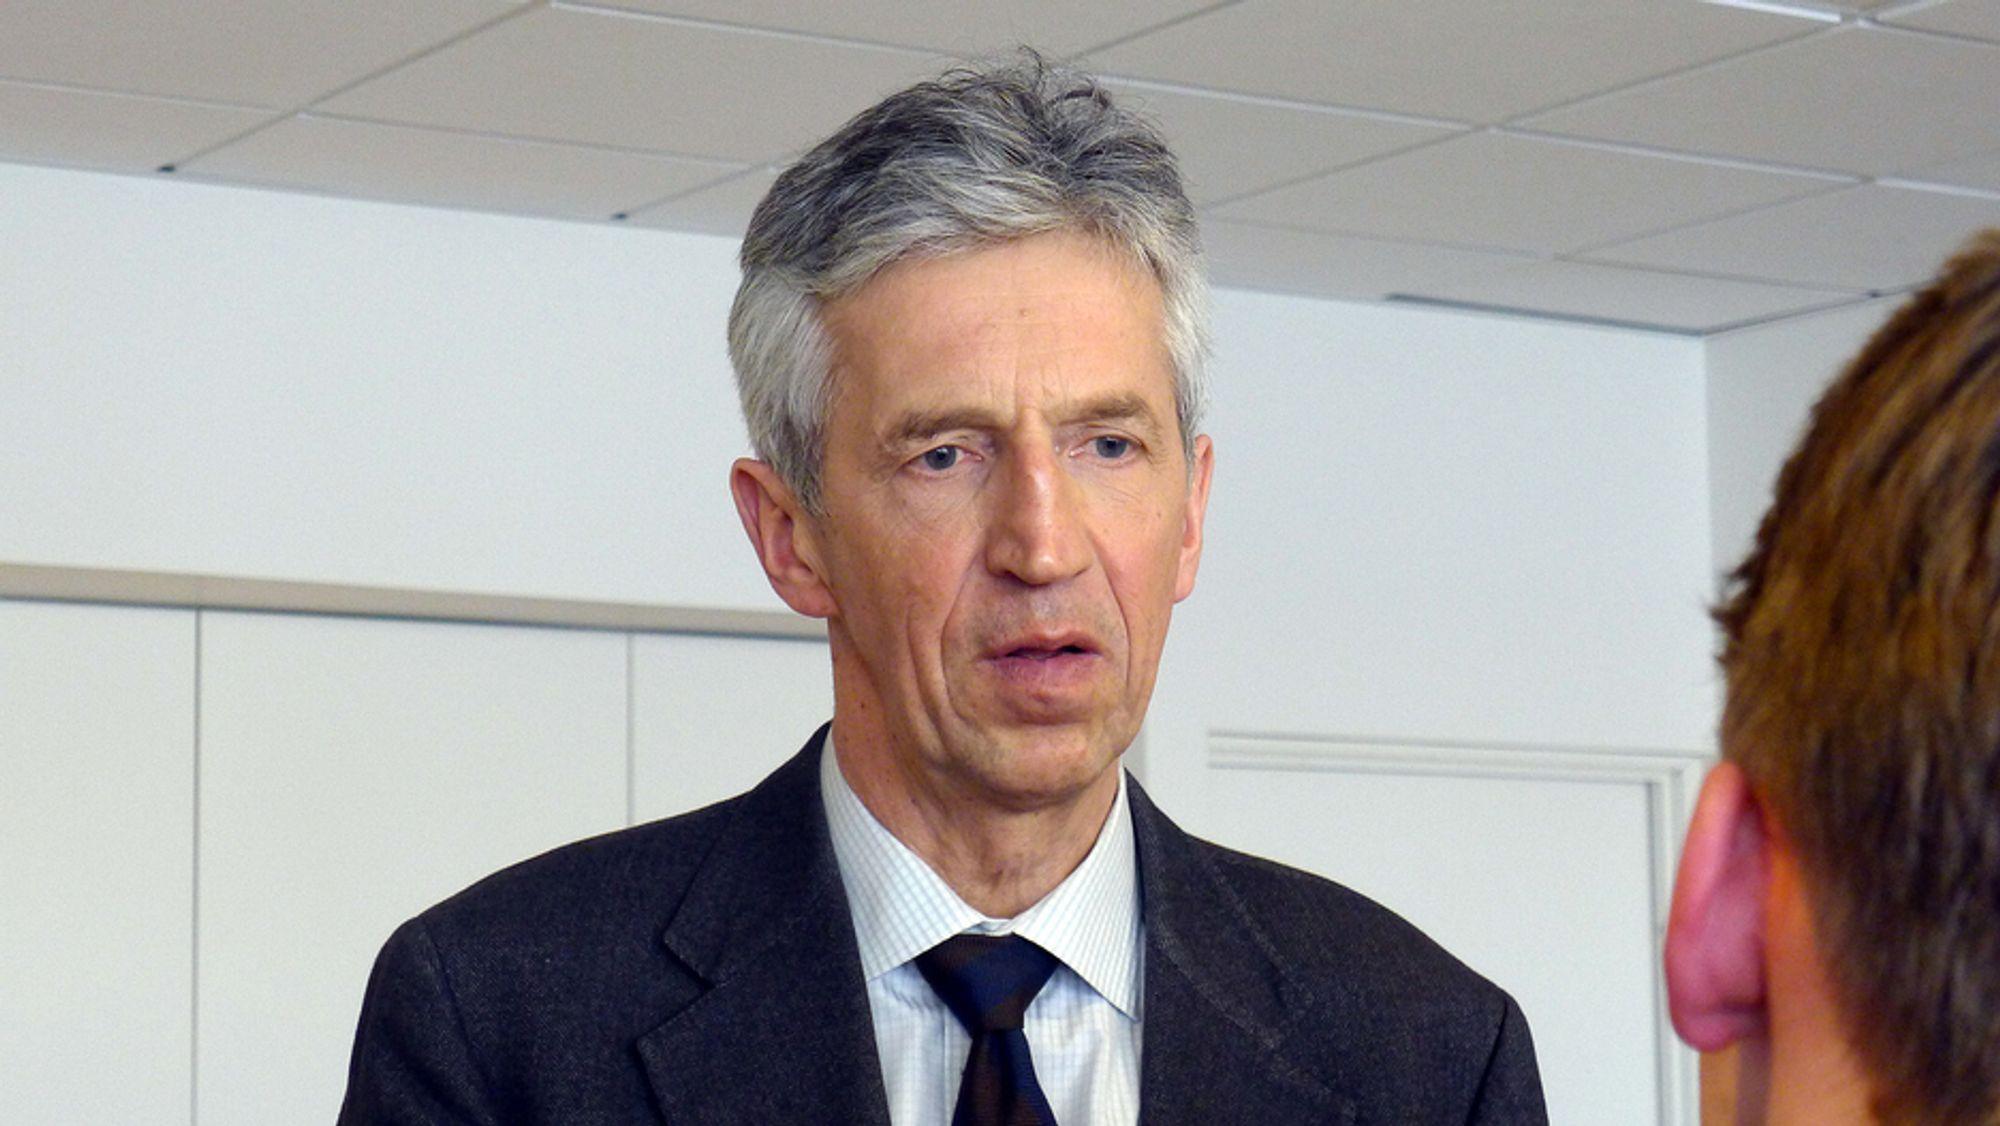 IKKE KATASTROFE: - Ord som kjernefysisk katastrofe passer ikke i denne sammenheng, sier strålevern-direktør Ole Harbitz.